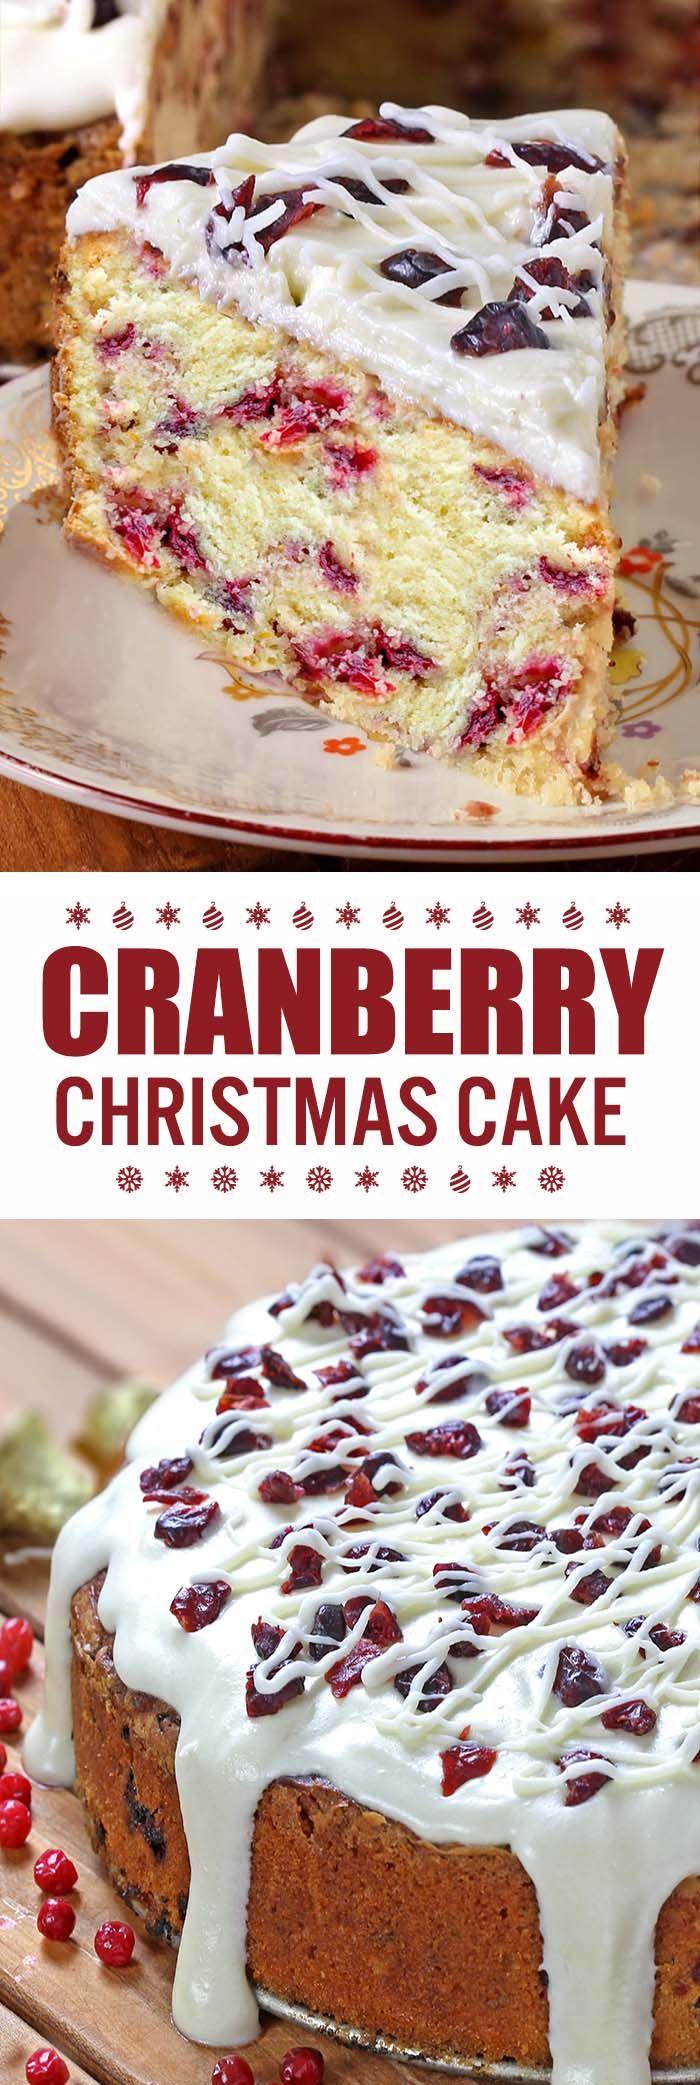 Christmas Cranberry Cake Recipe Cranberry Cake Cranberry Christmas Cake Coffee Cake Recipes